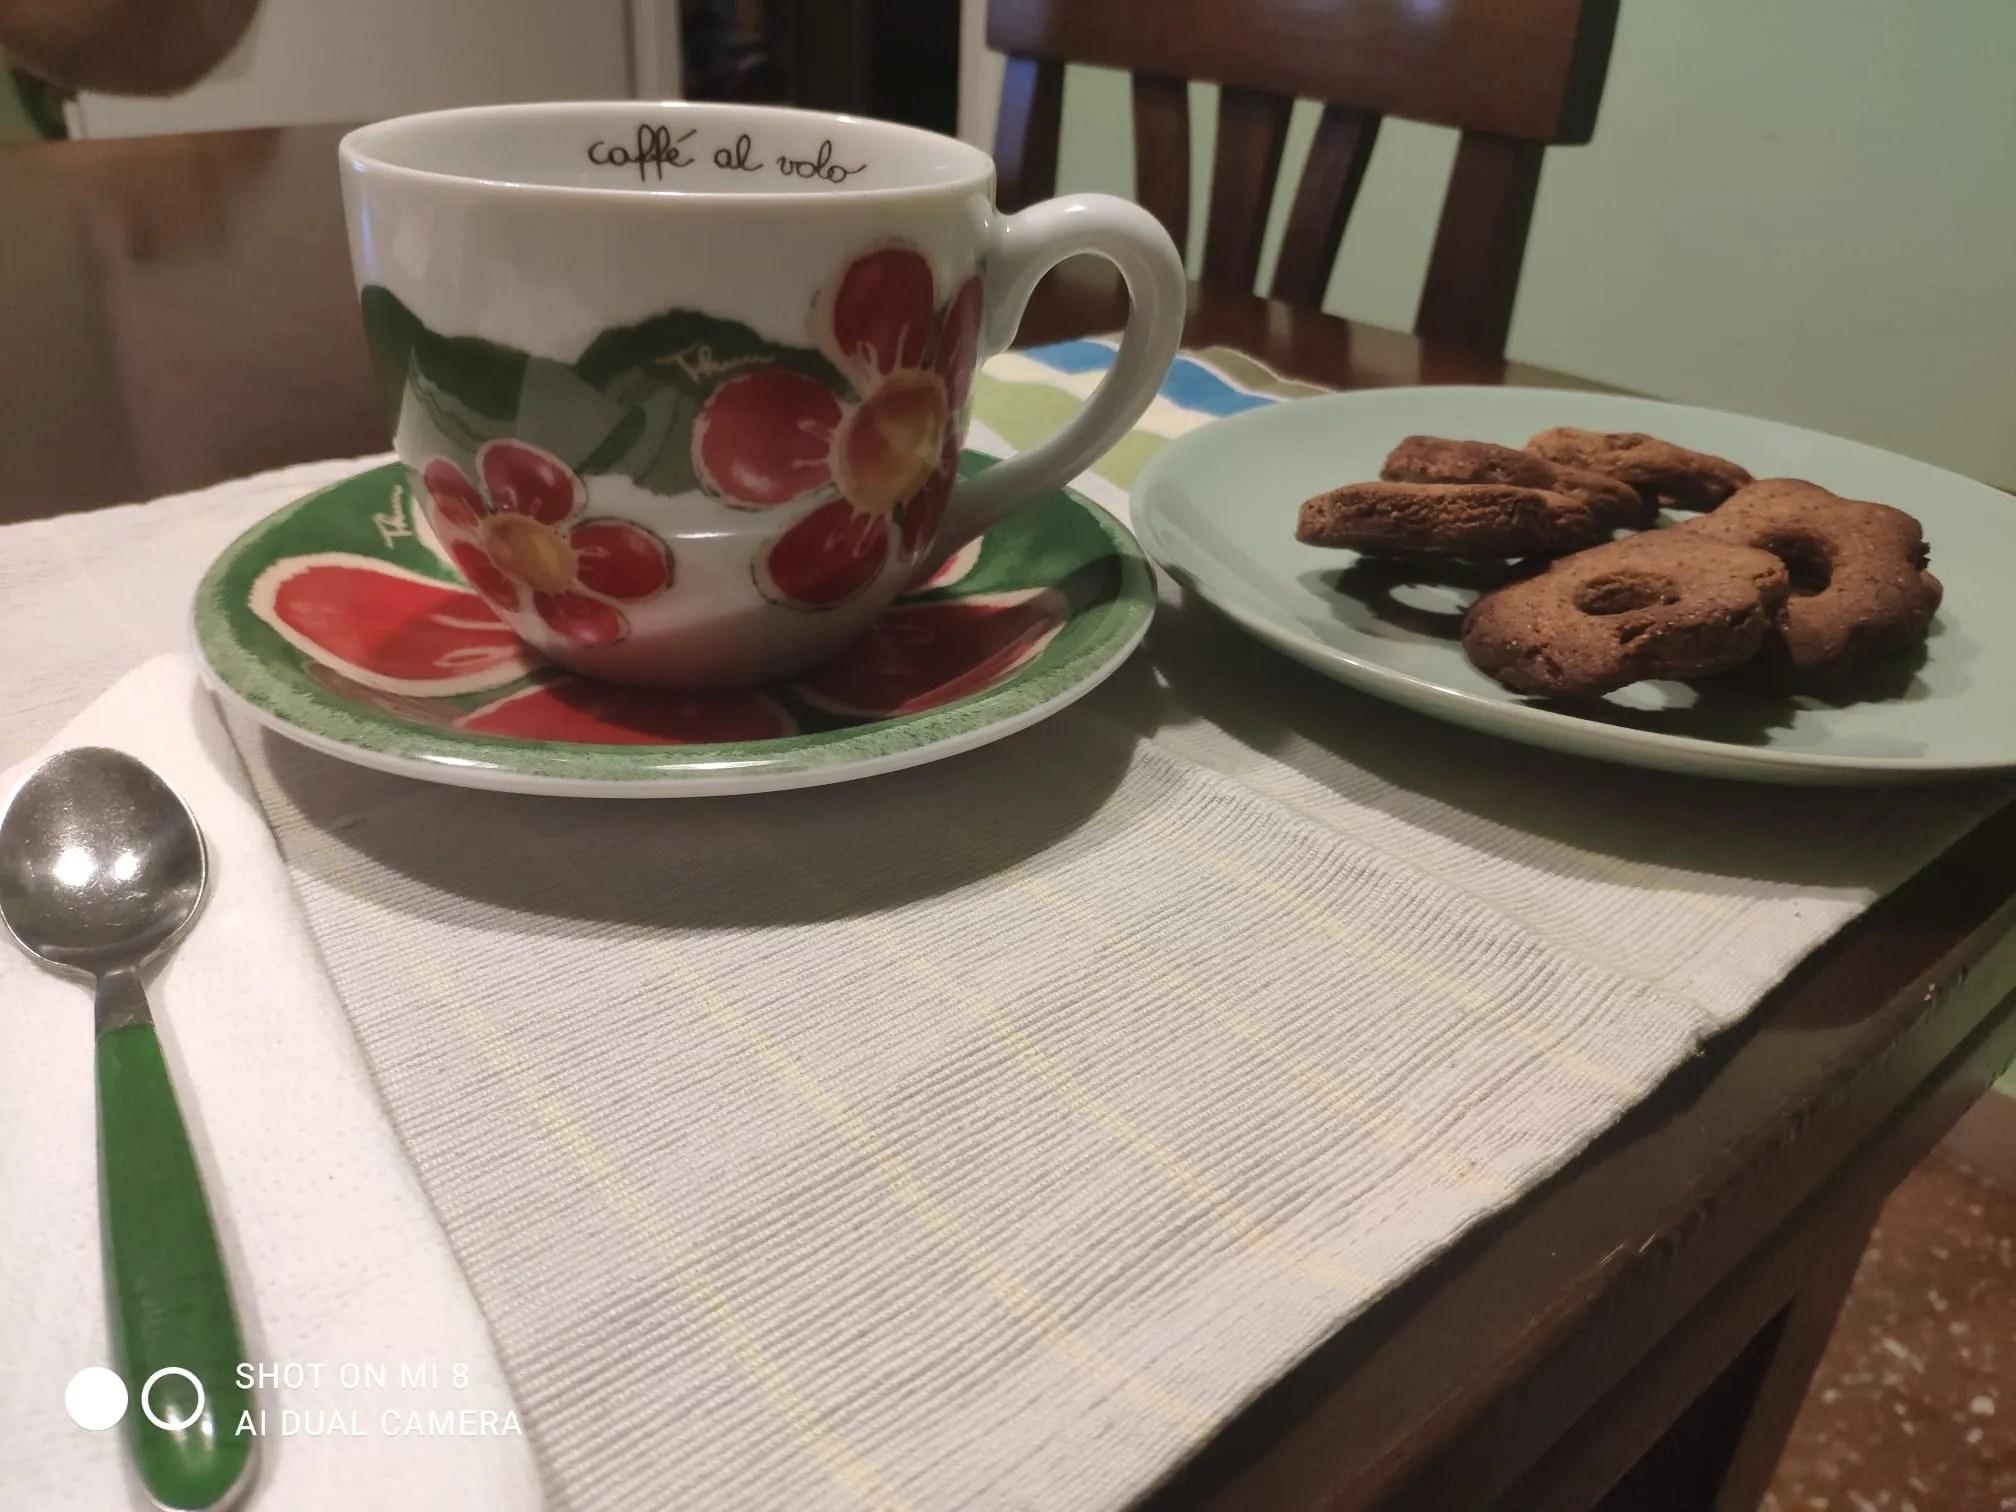 Biscotti margherita al grano saraceno con gocce di cioccolato senza glutine e lattosio